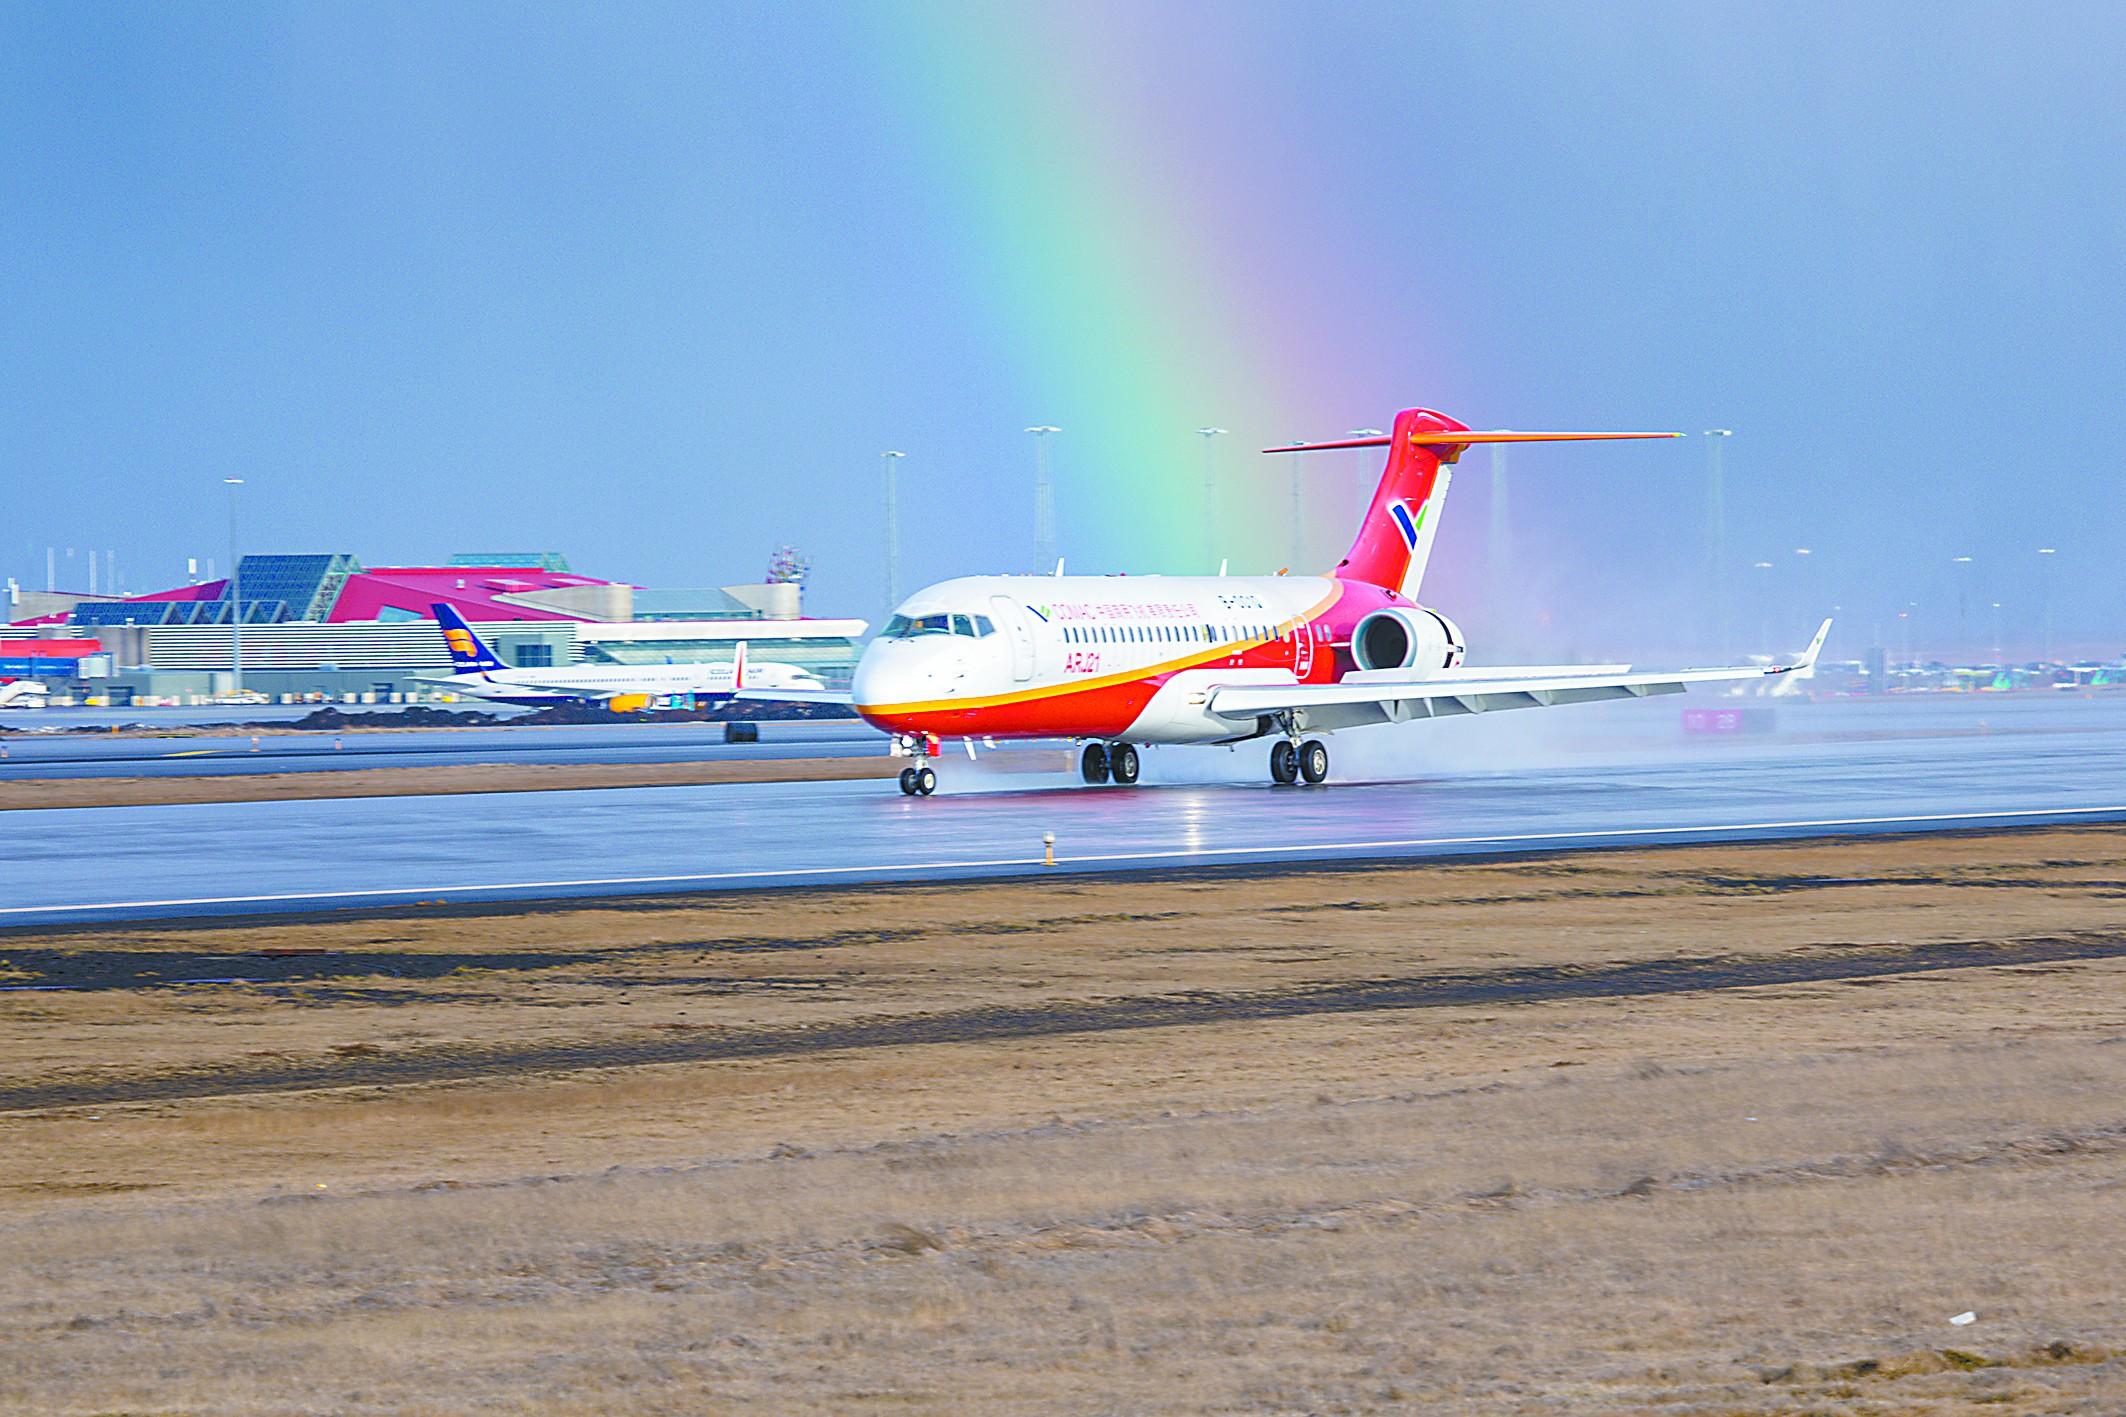 国产ARJ21-700客机八级狂风中完成大侧风试飞